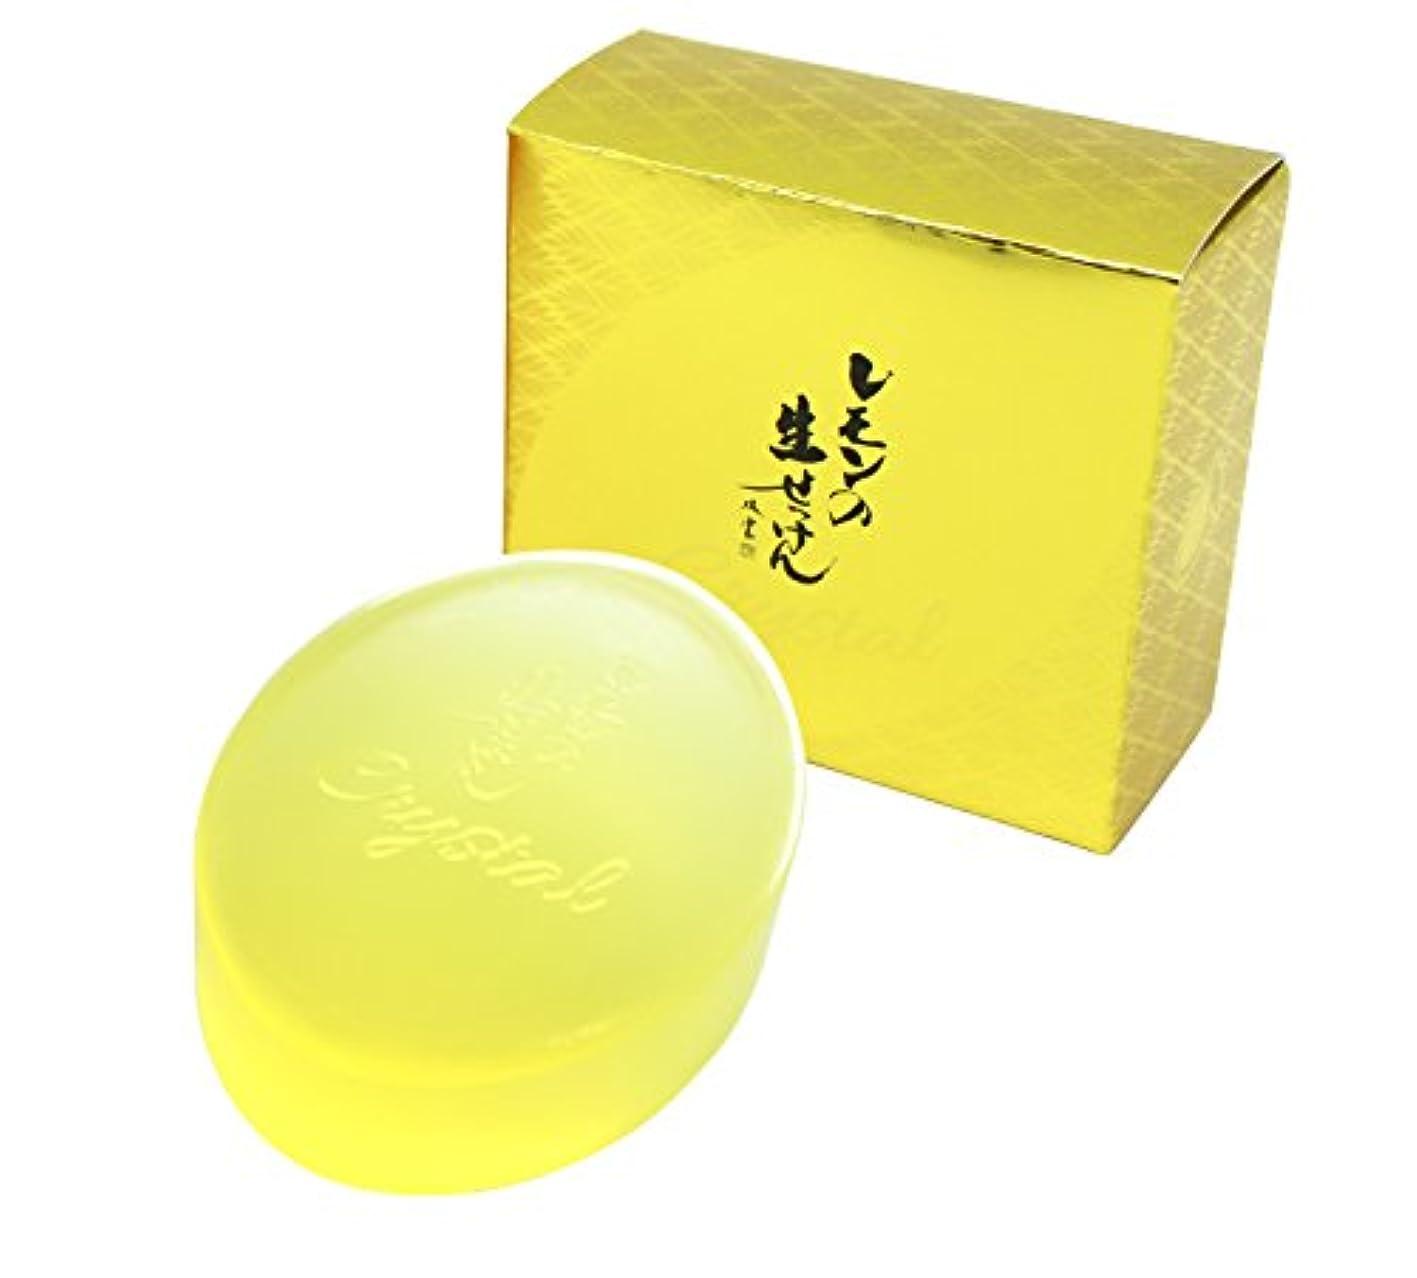 路地ラベンダーダメージ美香柑 レモンの生せっけん 洗顔石けん 固形タイプ(枠練り) 90g